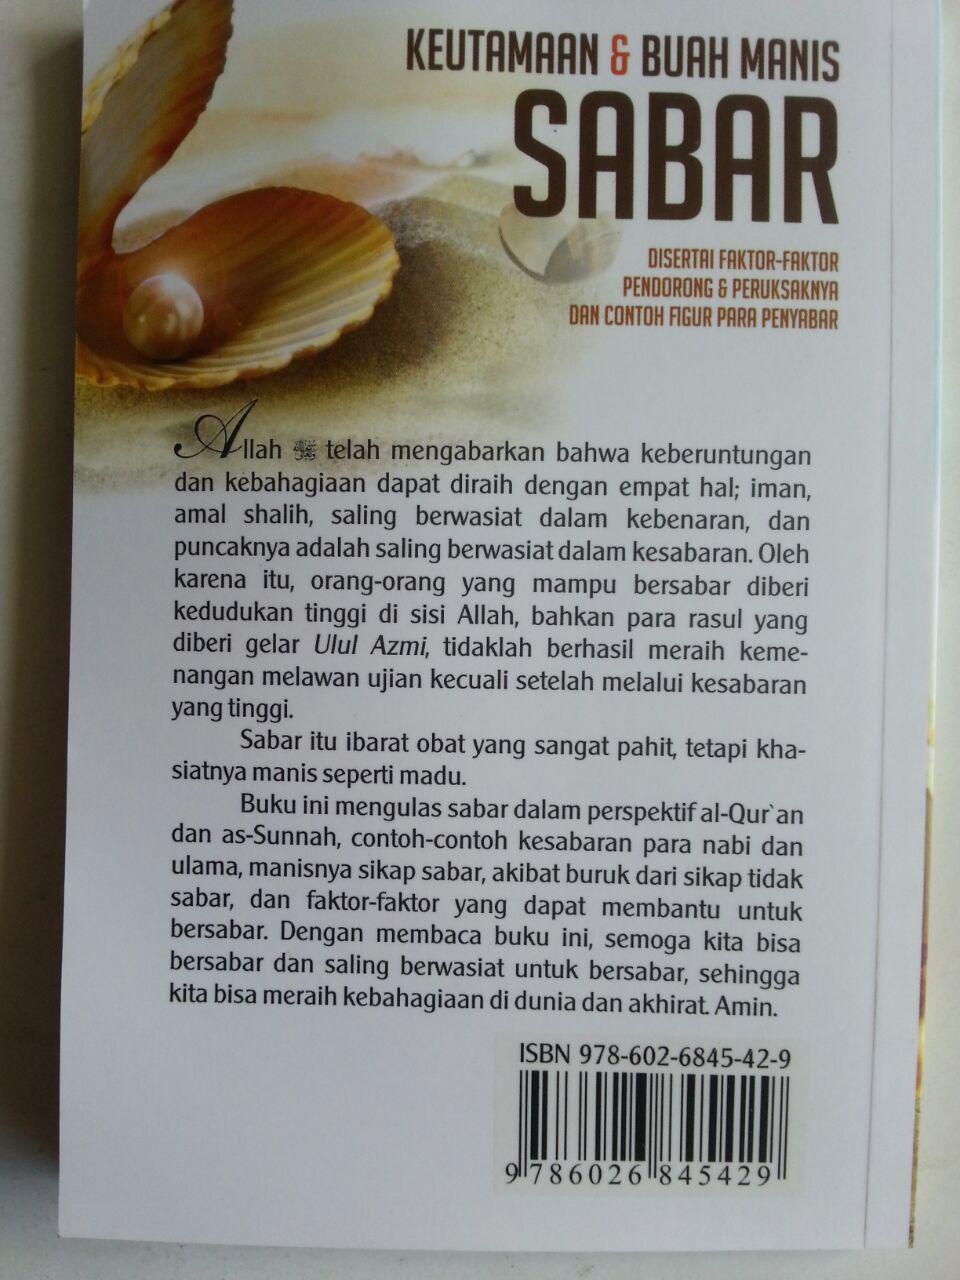 Buku Saku Keutamaan Dan Buah Manis Sabar cover